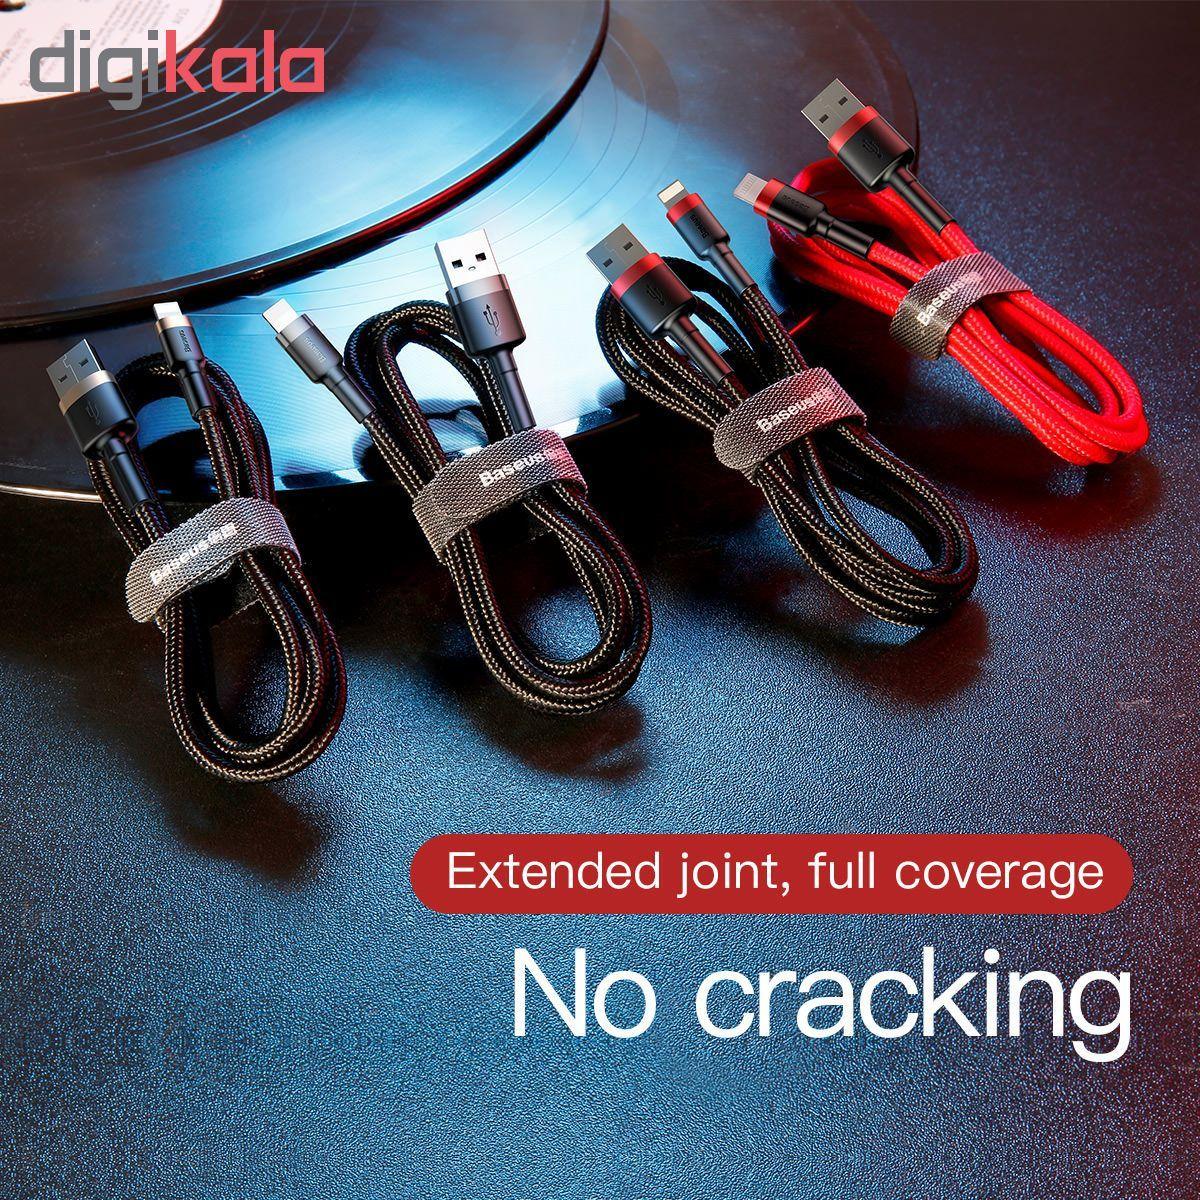 کابل تبدیل USB به لایتنینگ باسئوس مدل CALKLF-BG1 طول 1 متر main 1 13